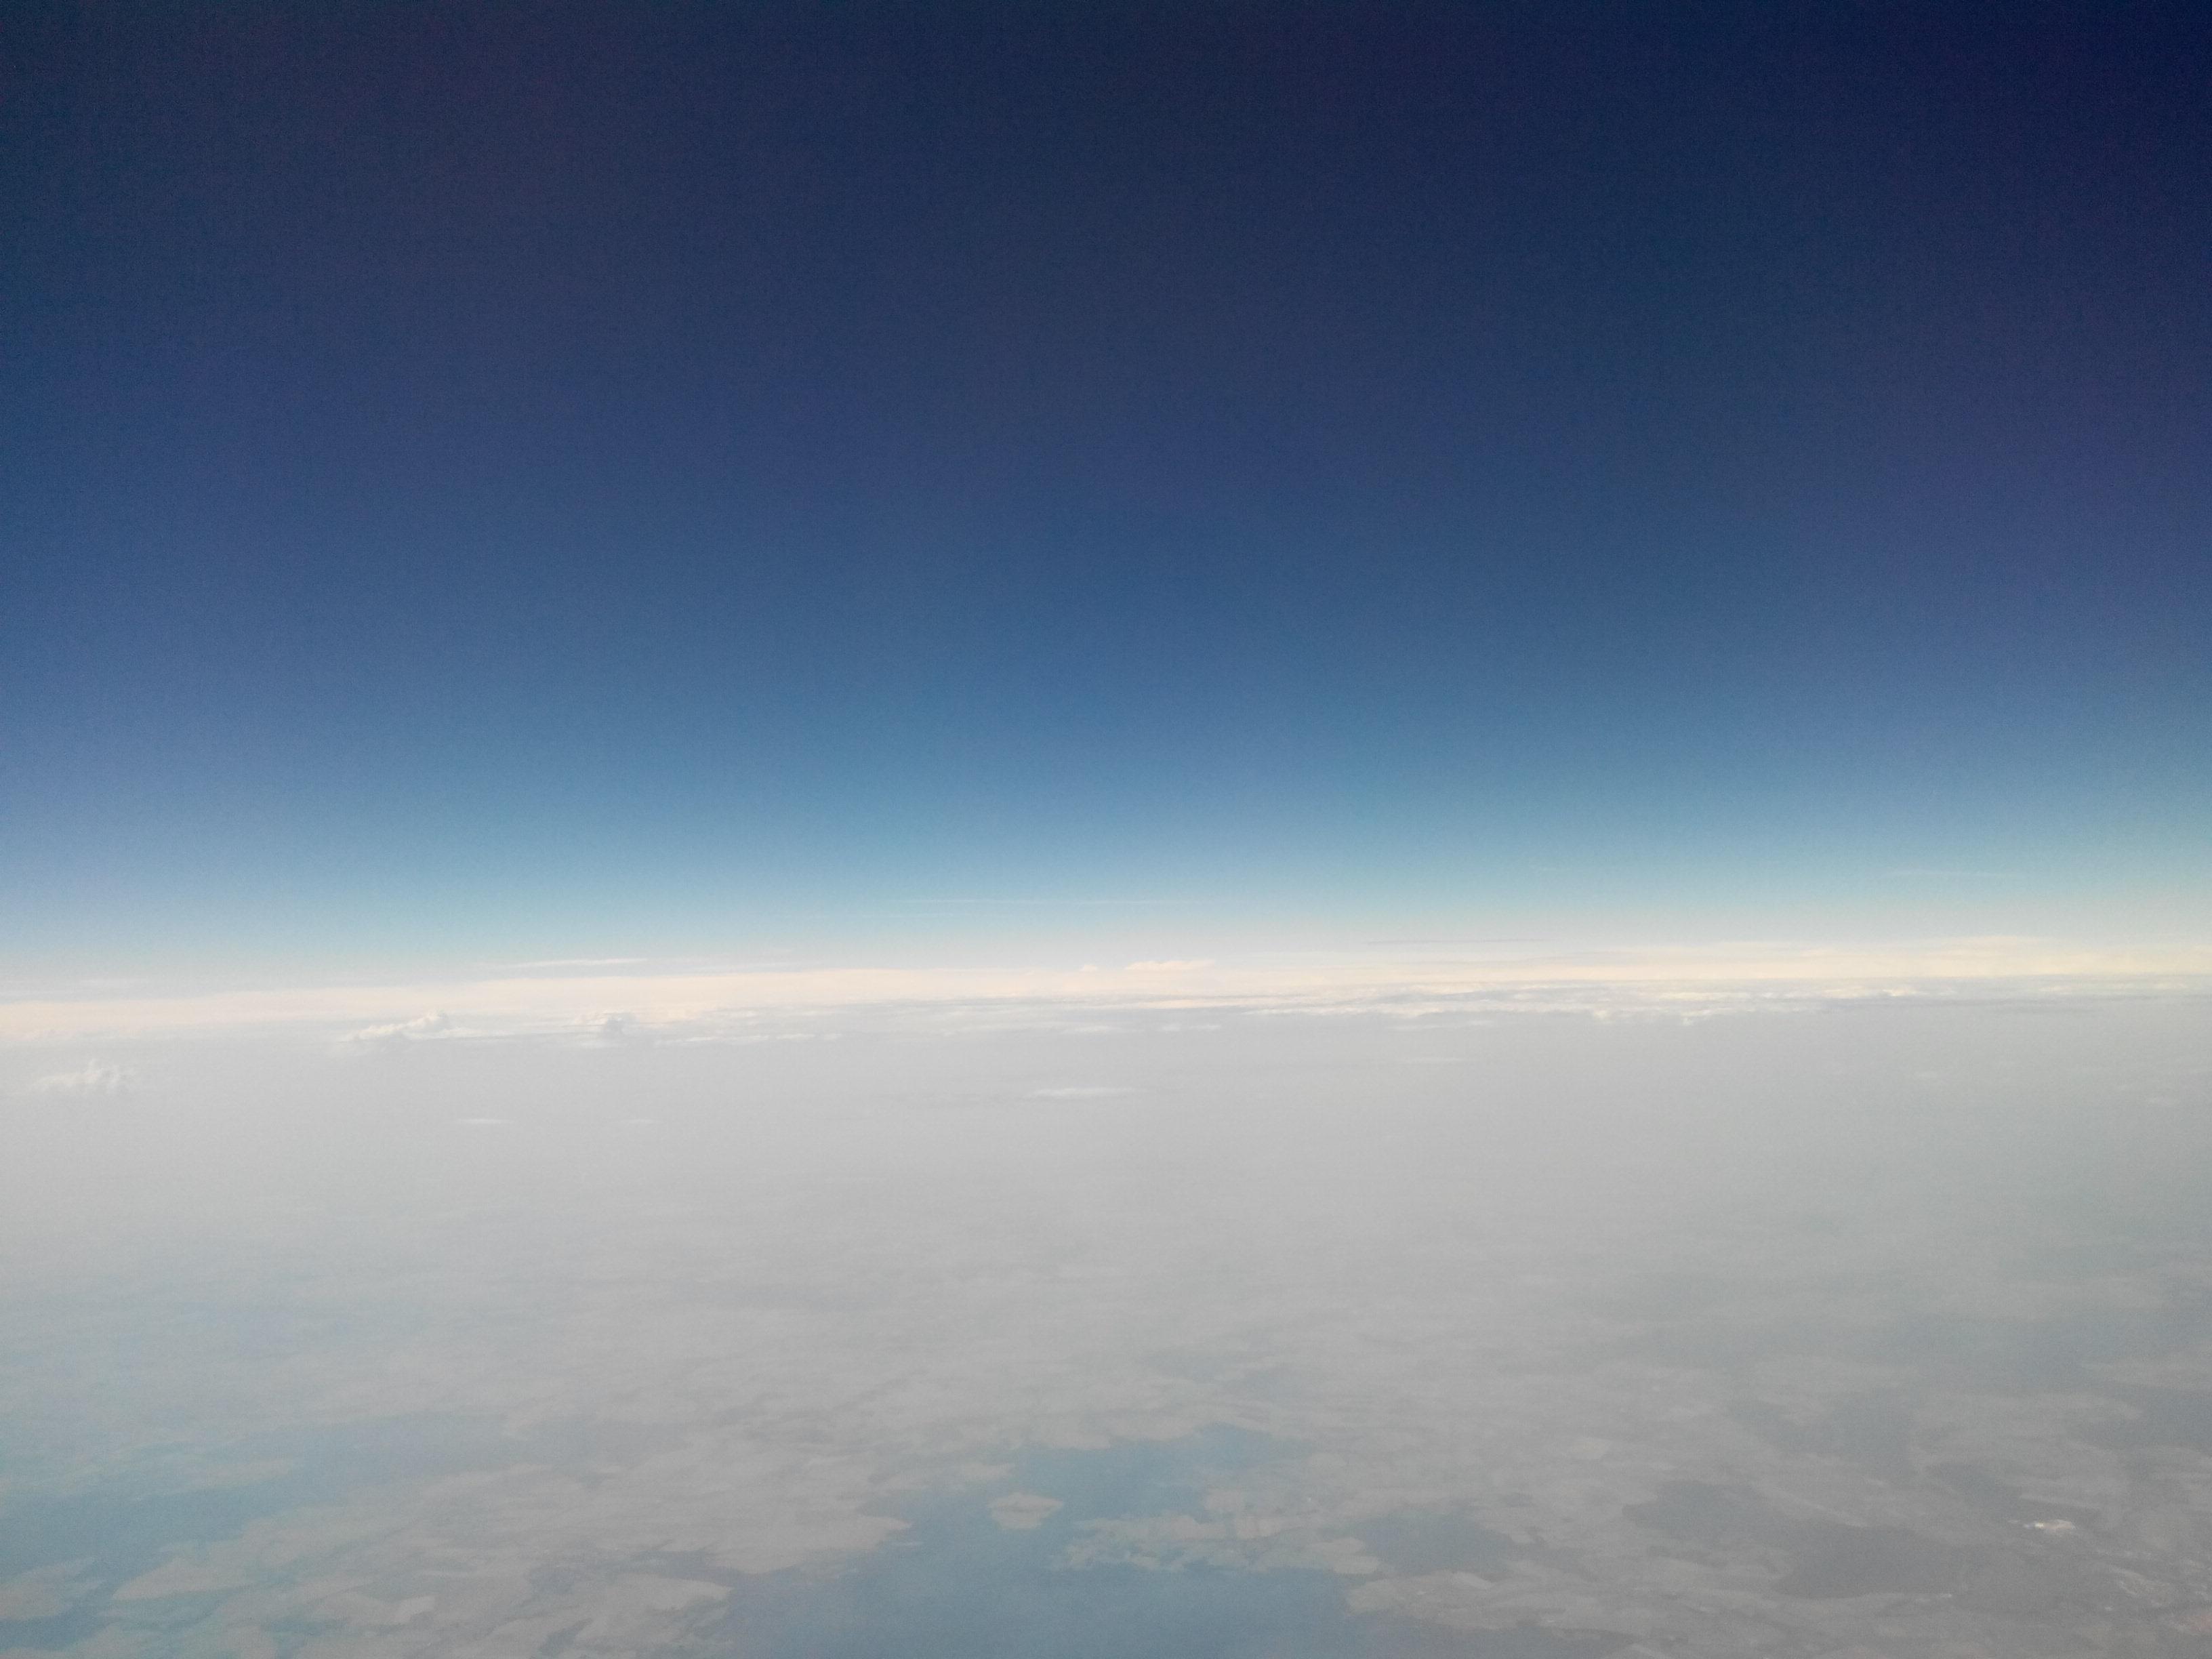 Horizont über den Wolken